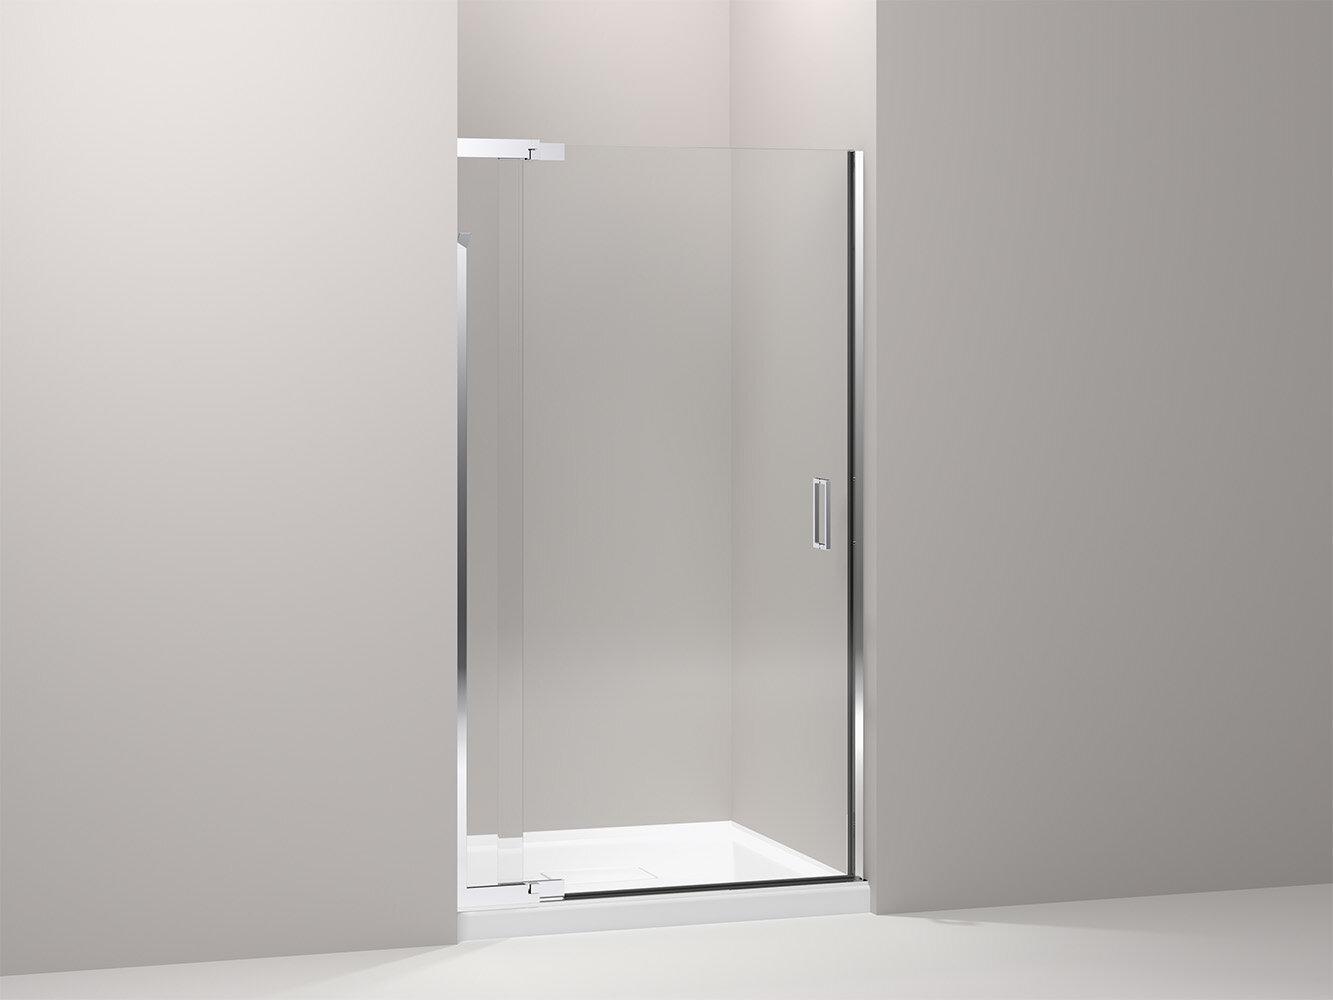 K 702013 L Bnsh Kohler Purist 42 X 72 Pivot Shower Door With